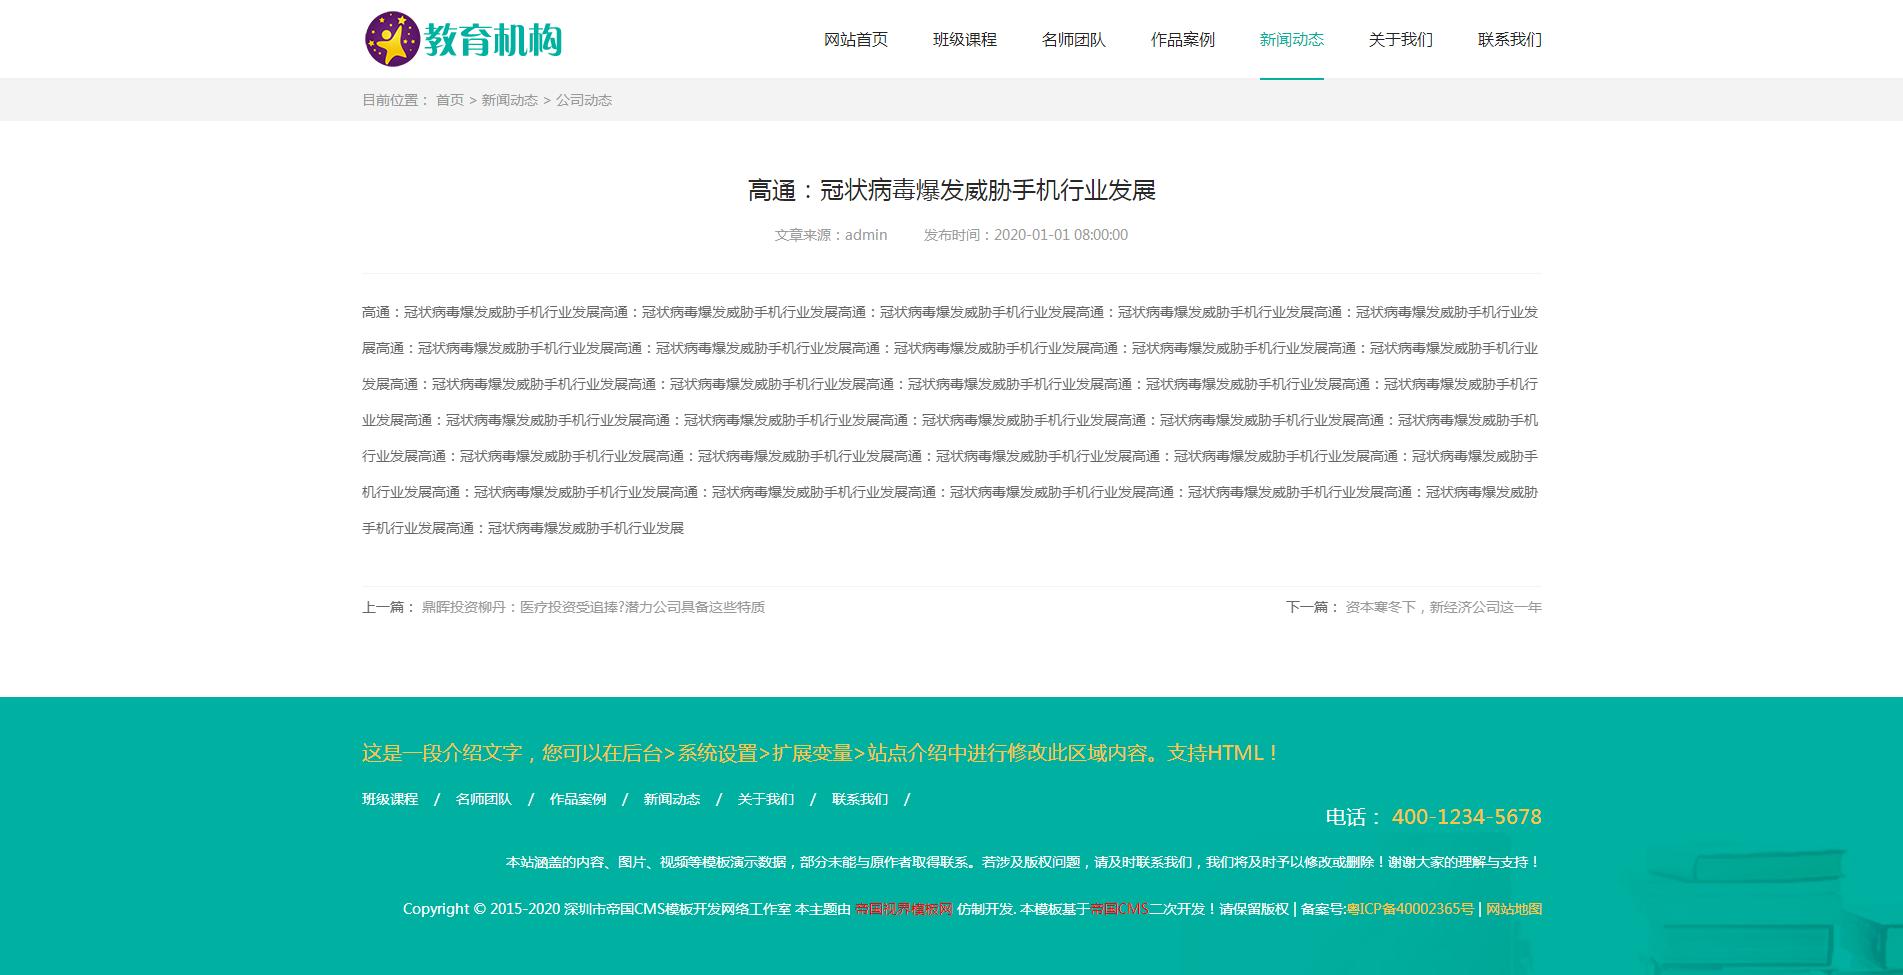 11新闻动态内容页.png [DG-112]帝国CMS响应式早教教育机构模板,HTML5自适应手机帝国CMS整站网站模板 企业模板 第11张